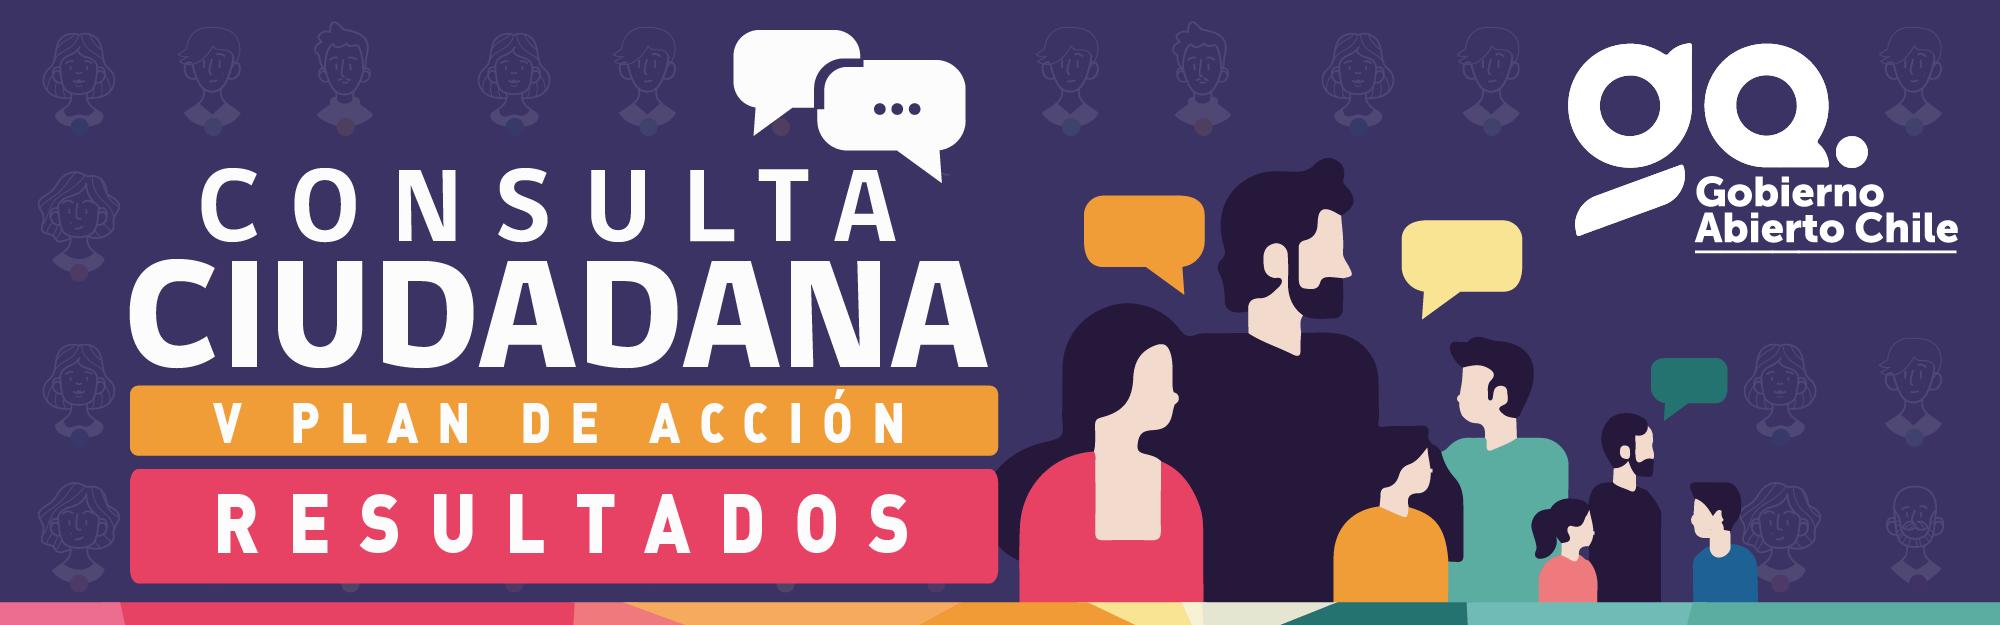 Banner Resultados Consulta Pública